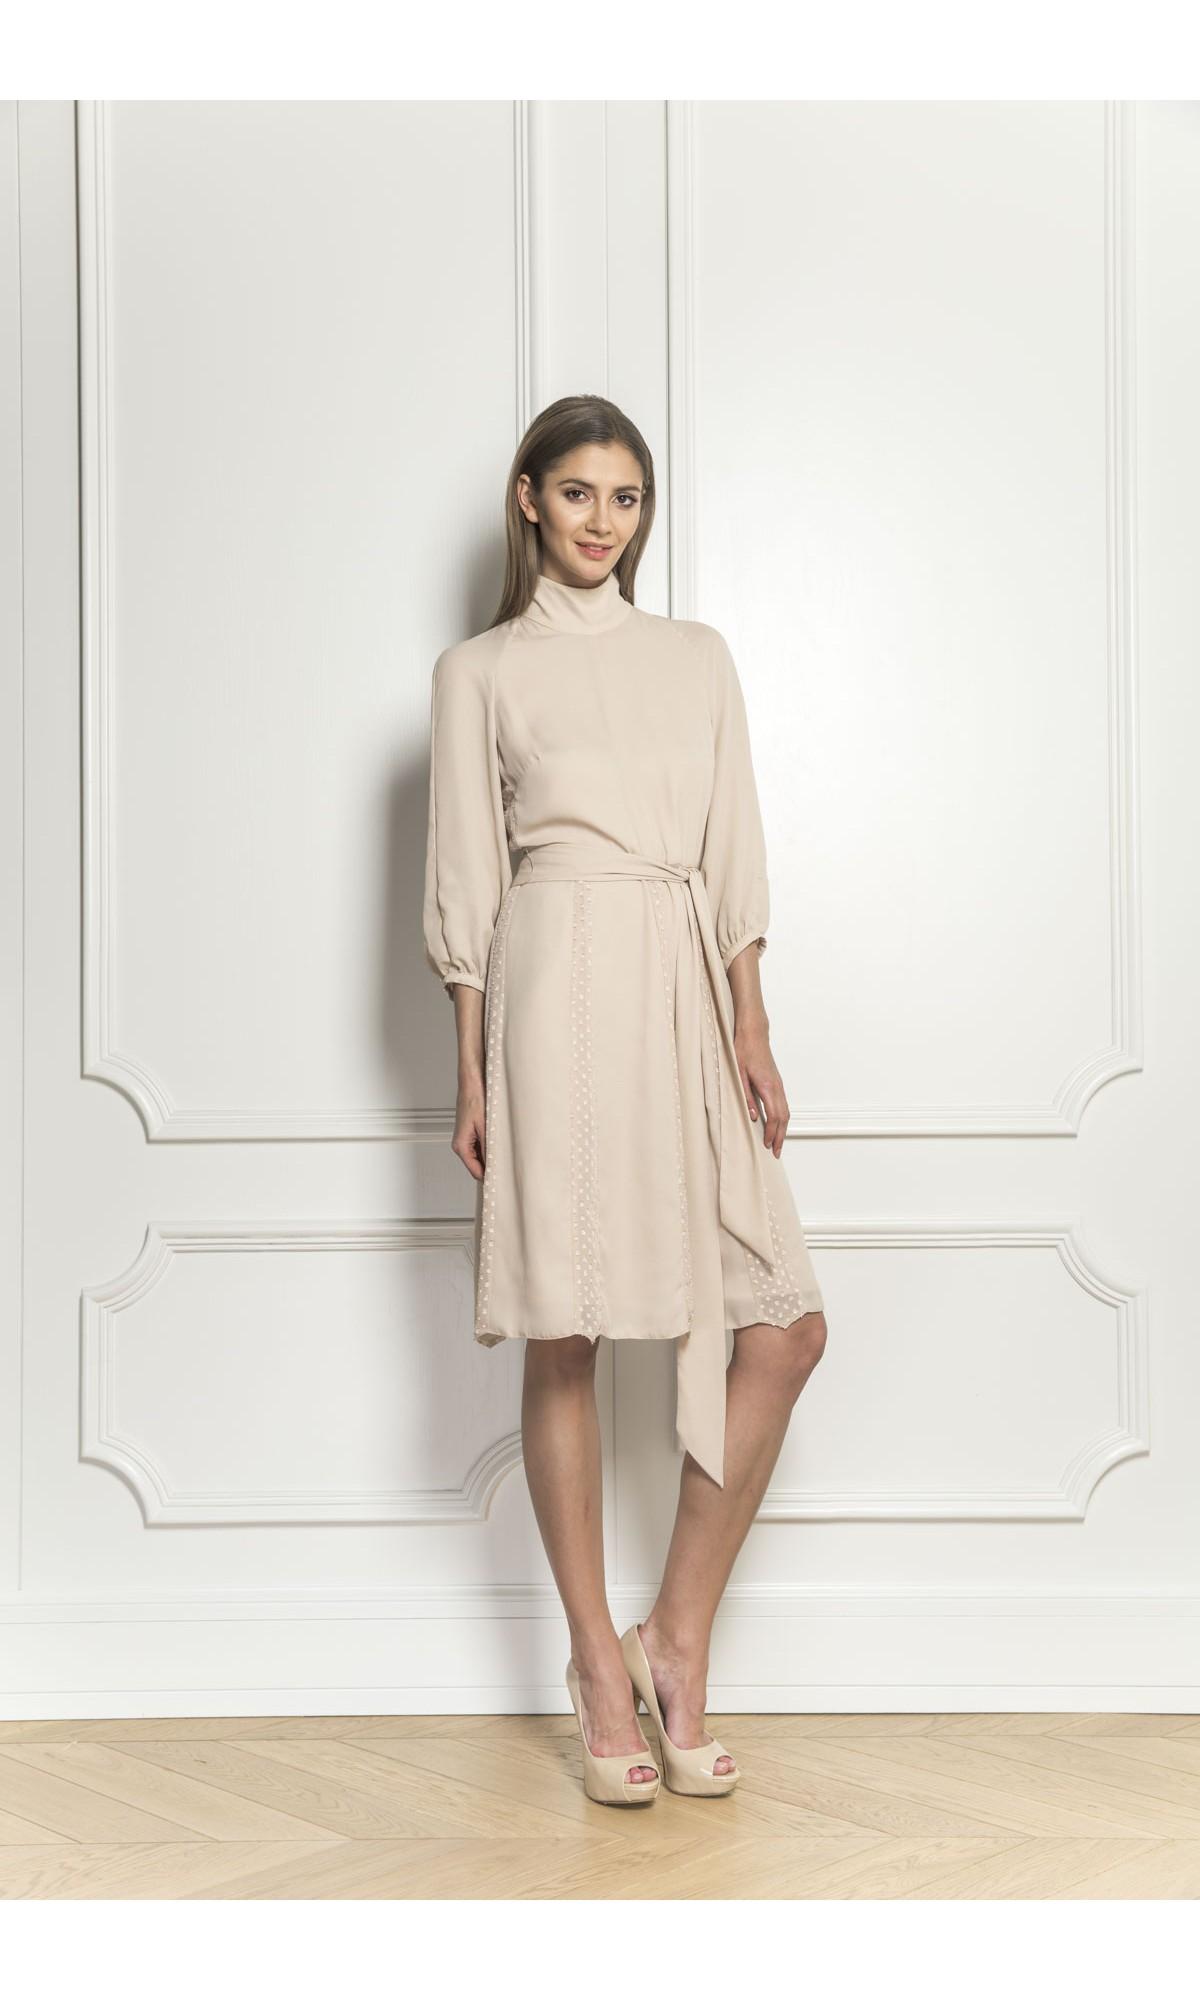 Sukienka szyfonowa w kolorze beżowym